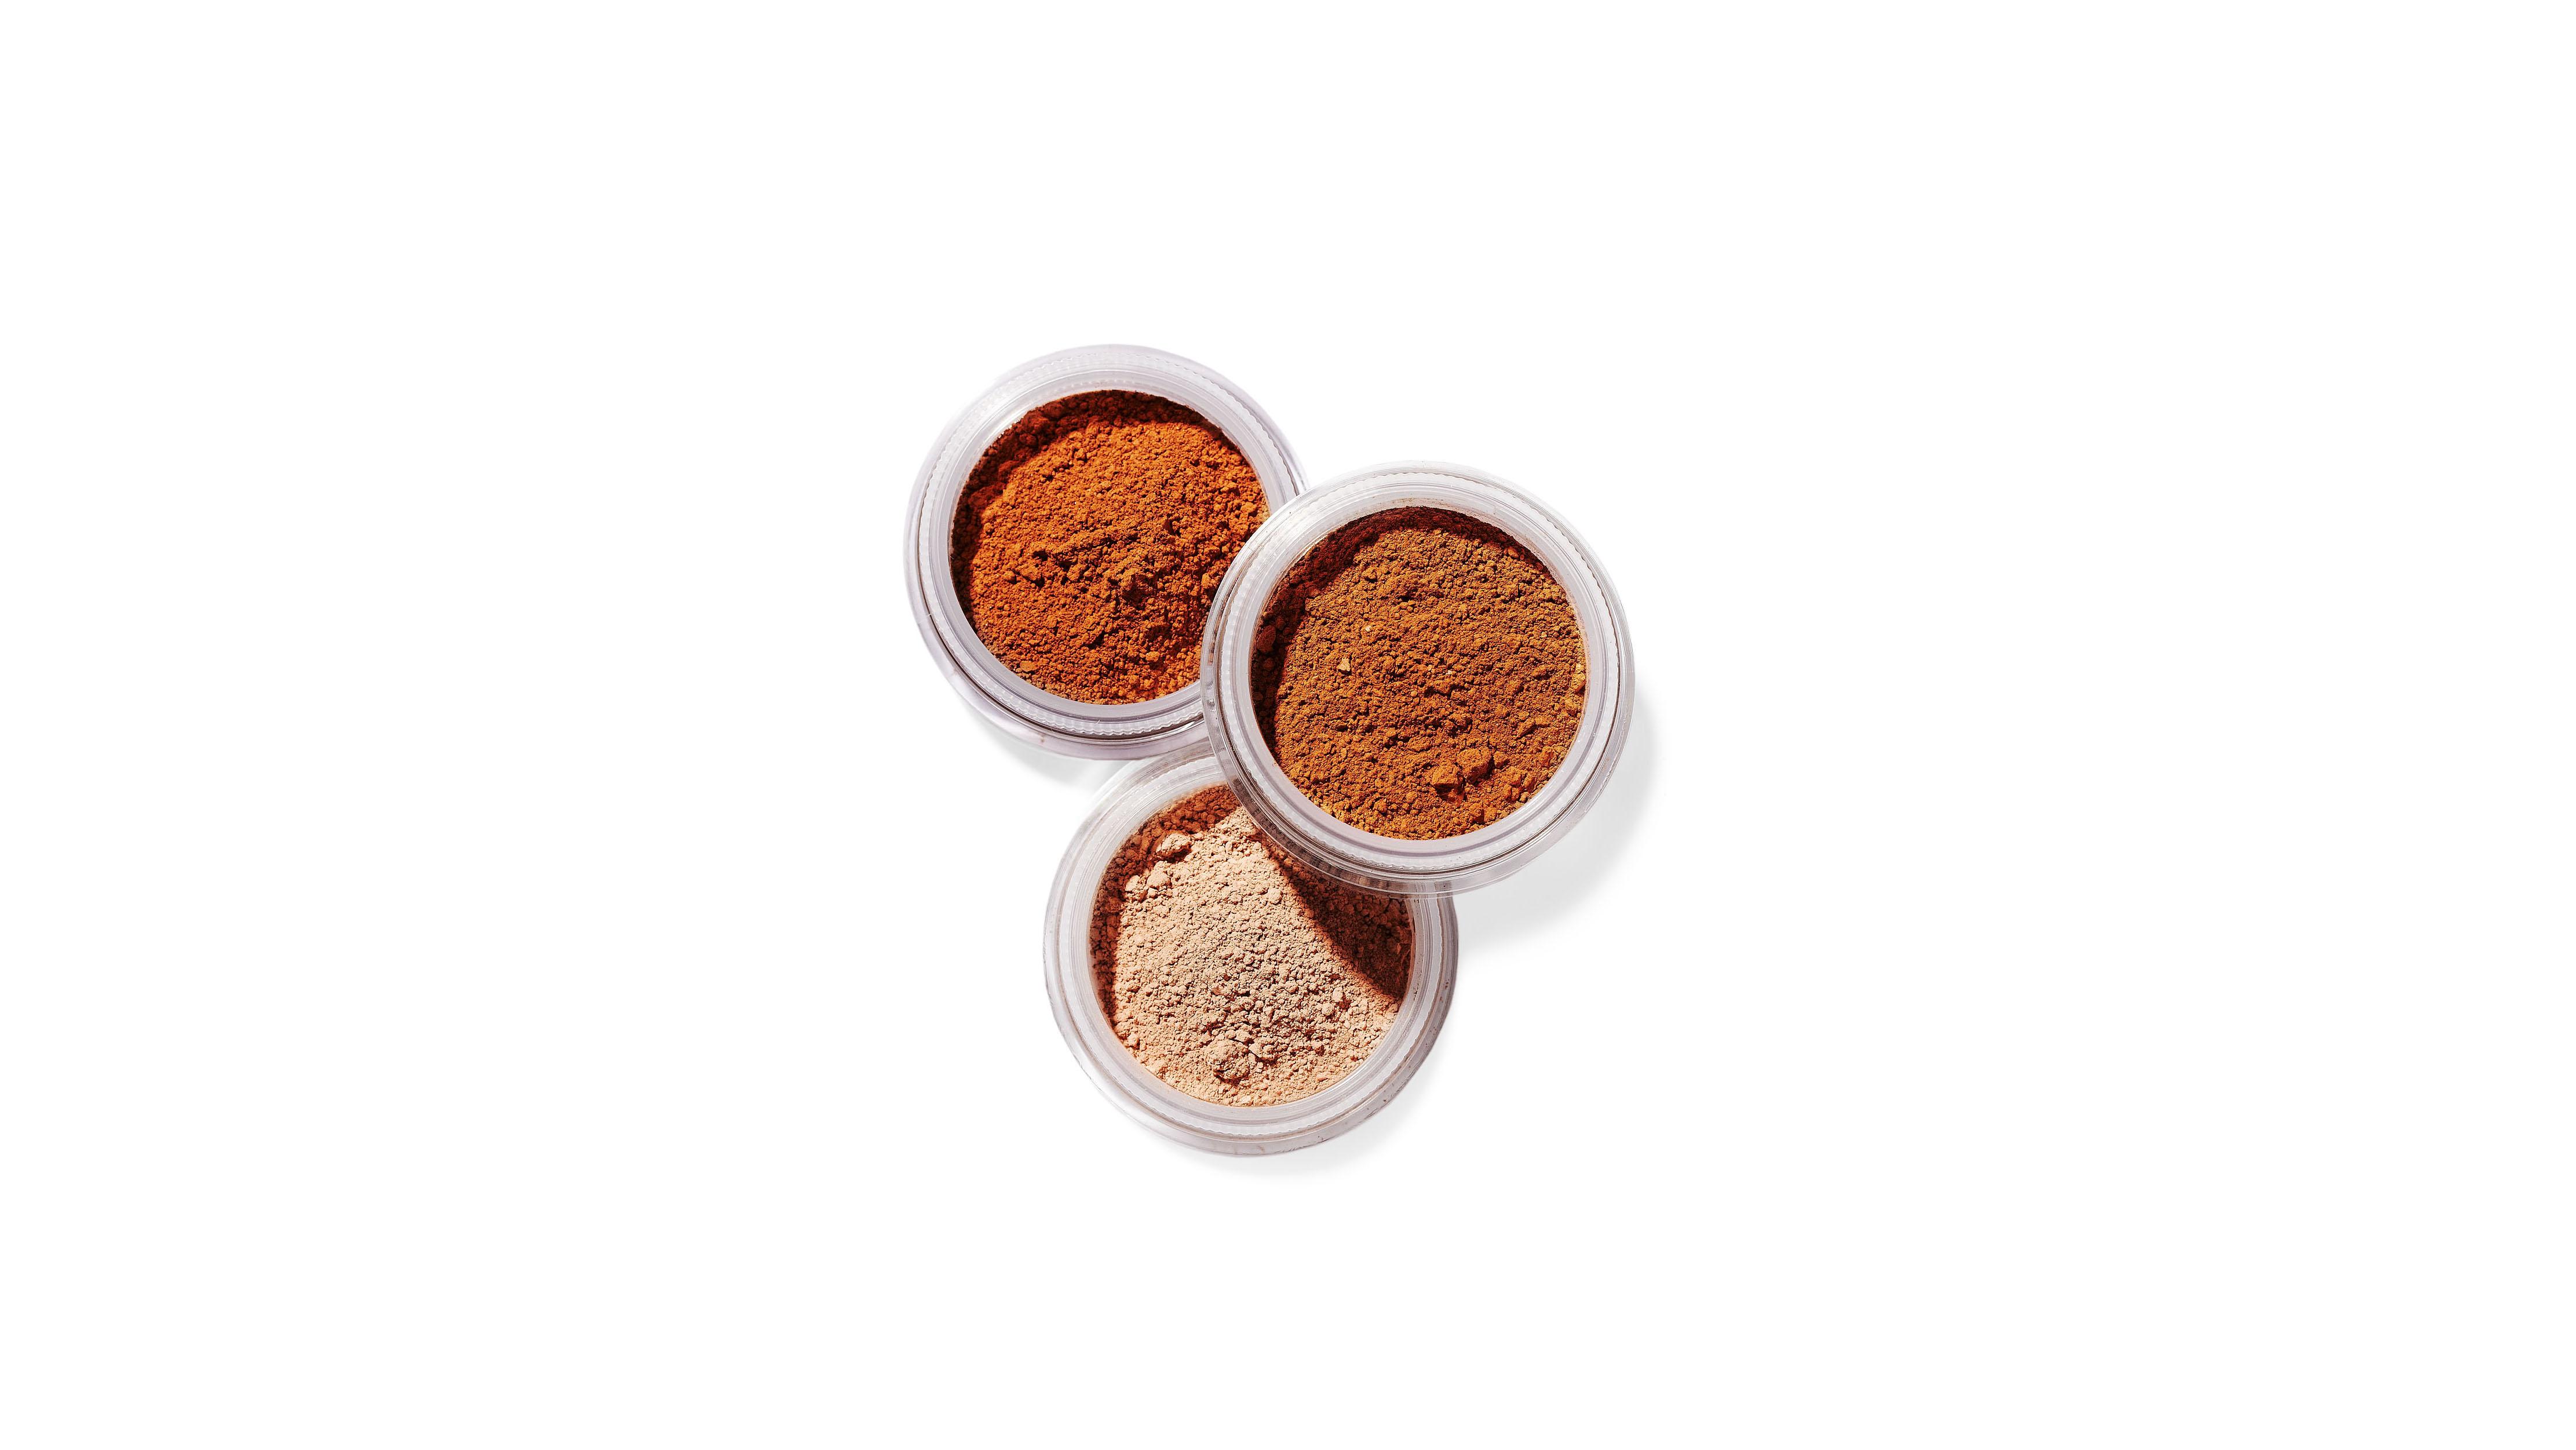 bare minerals powders